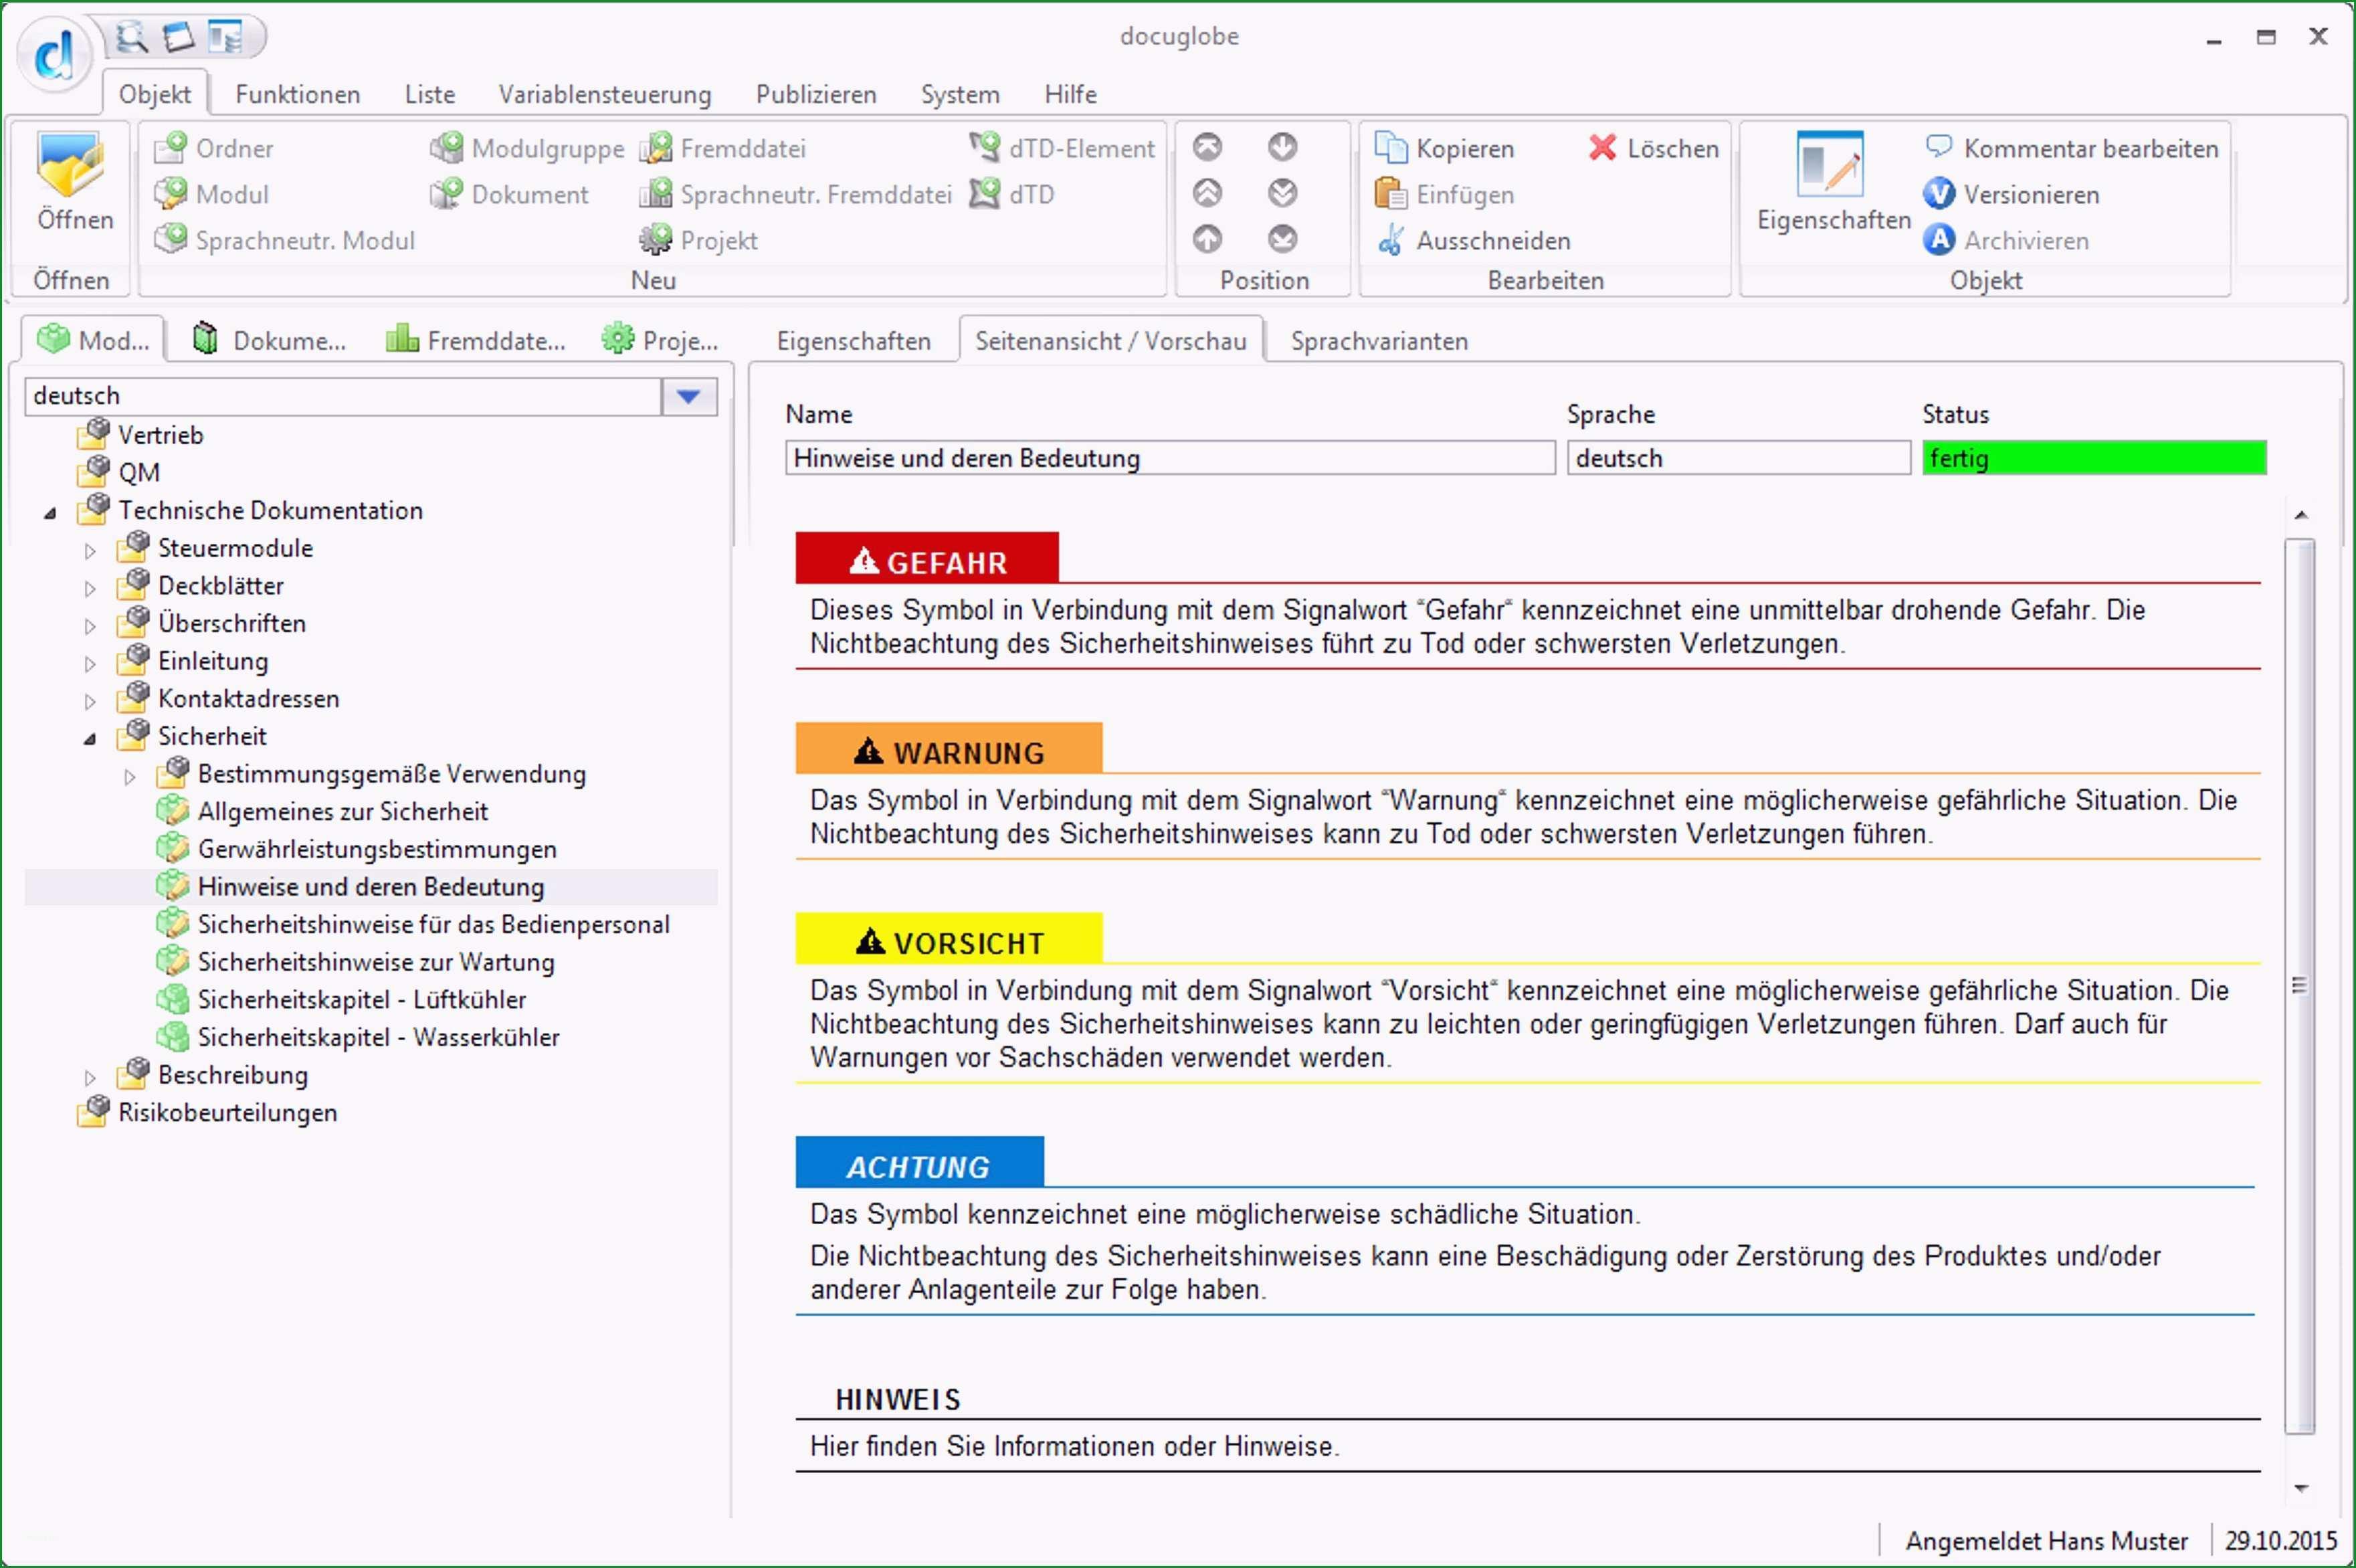 technische dokumentation software beispiel kostenlos it dokumentation muster inspiration it dokumentation muster modell